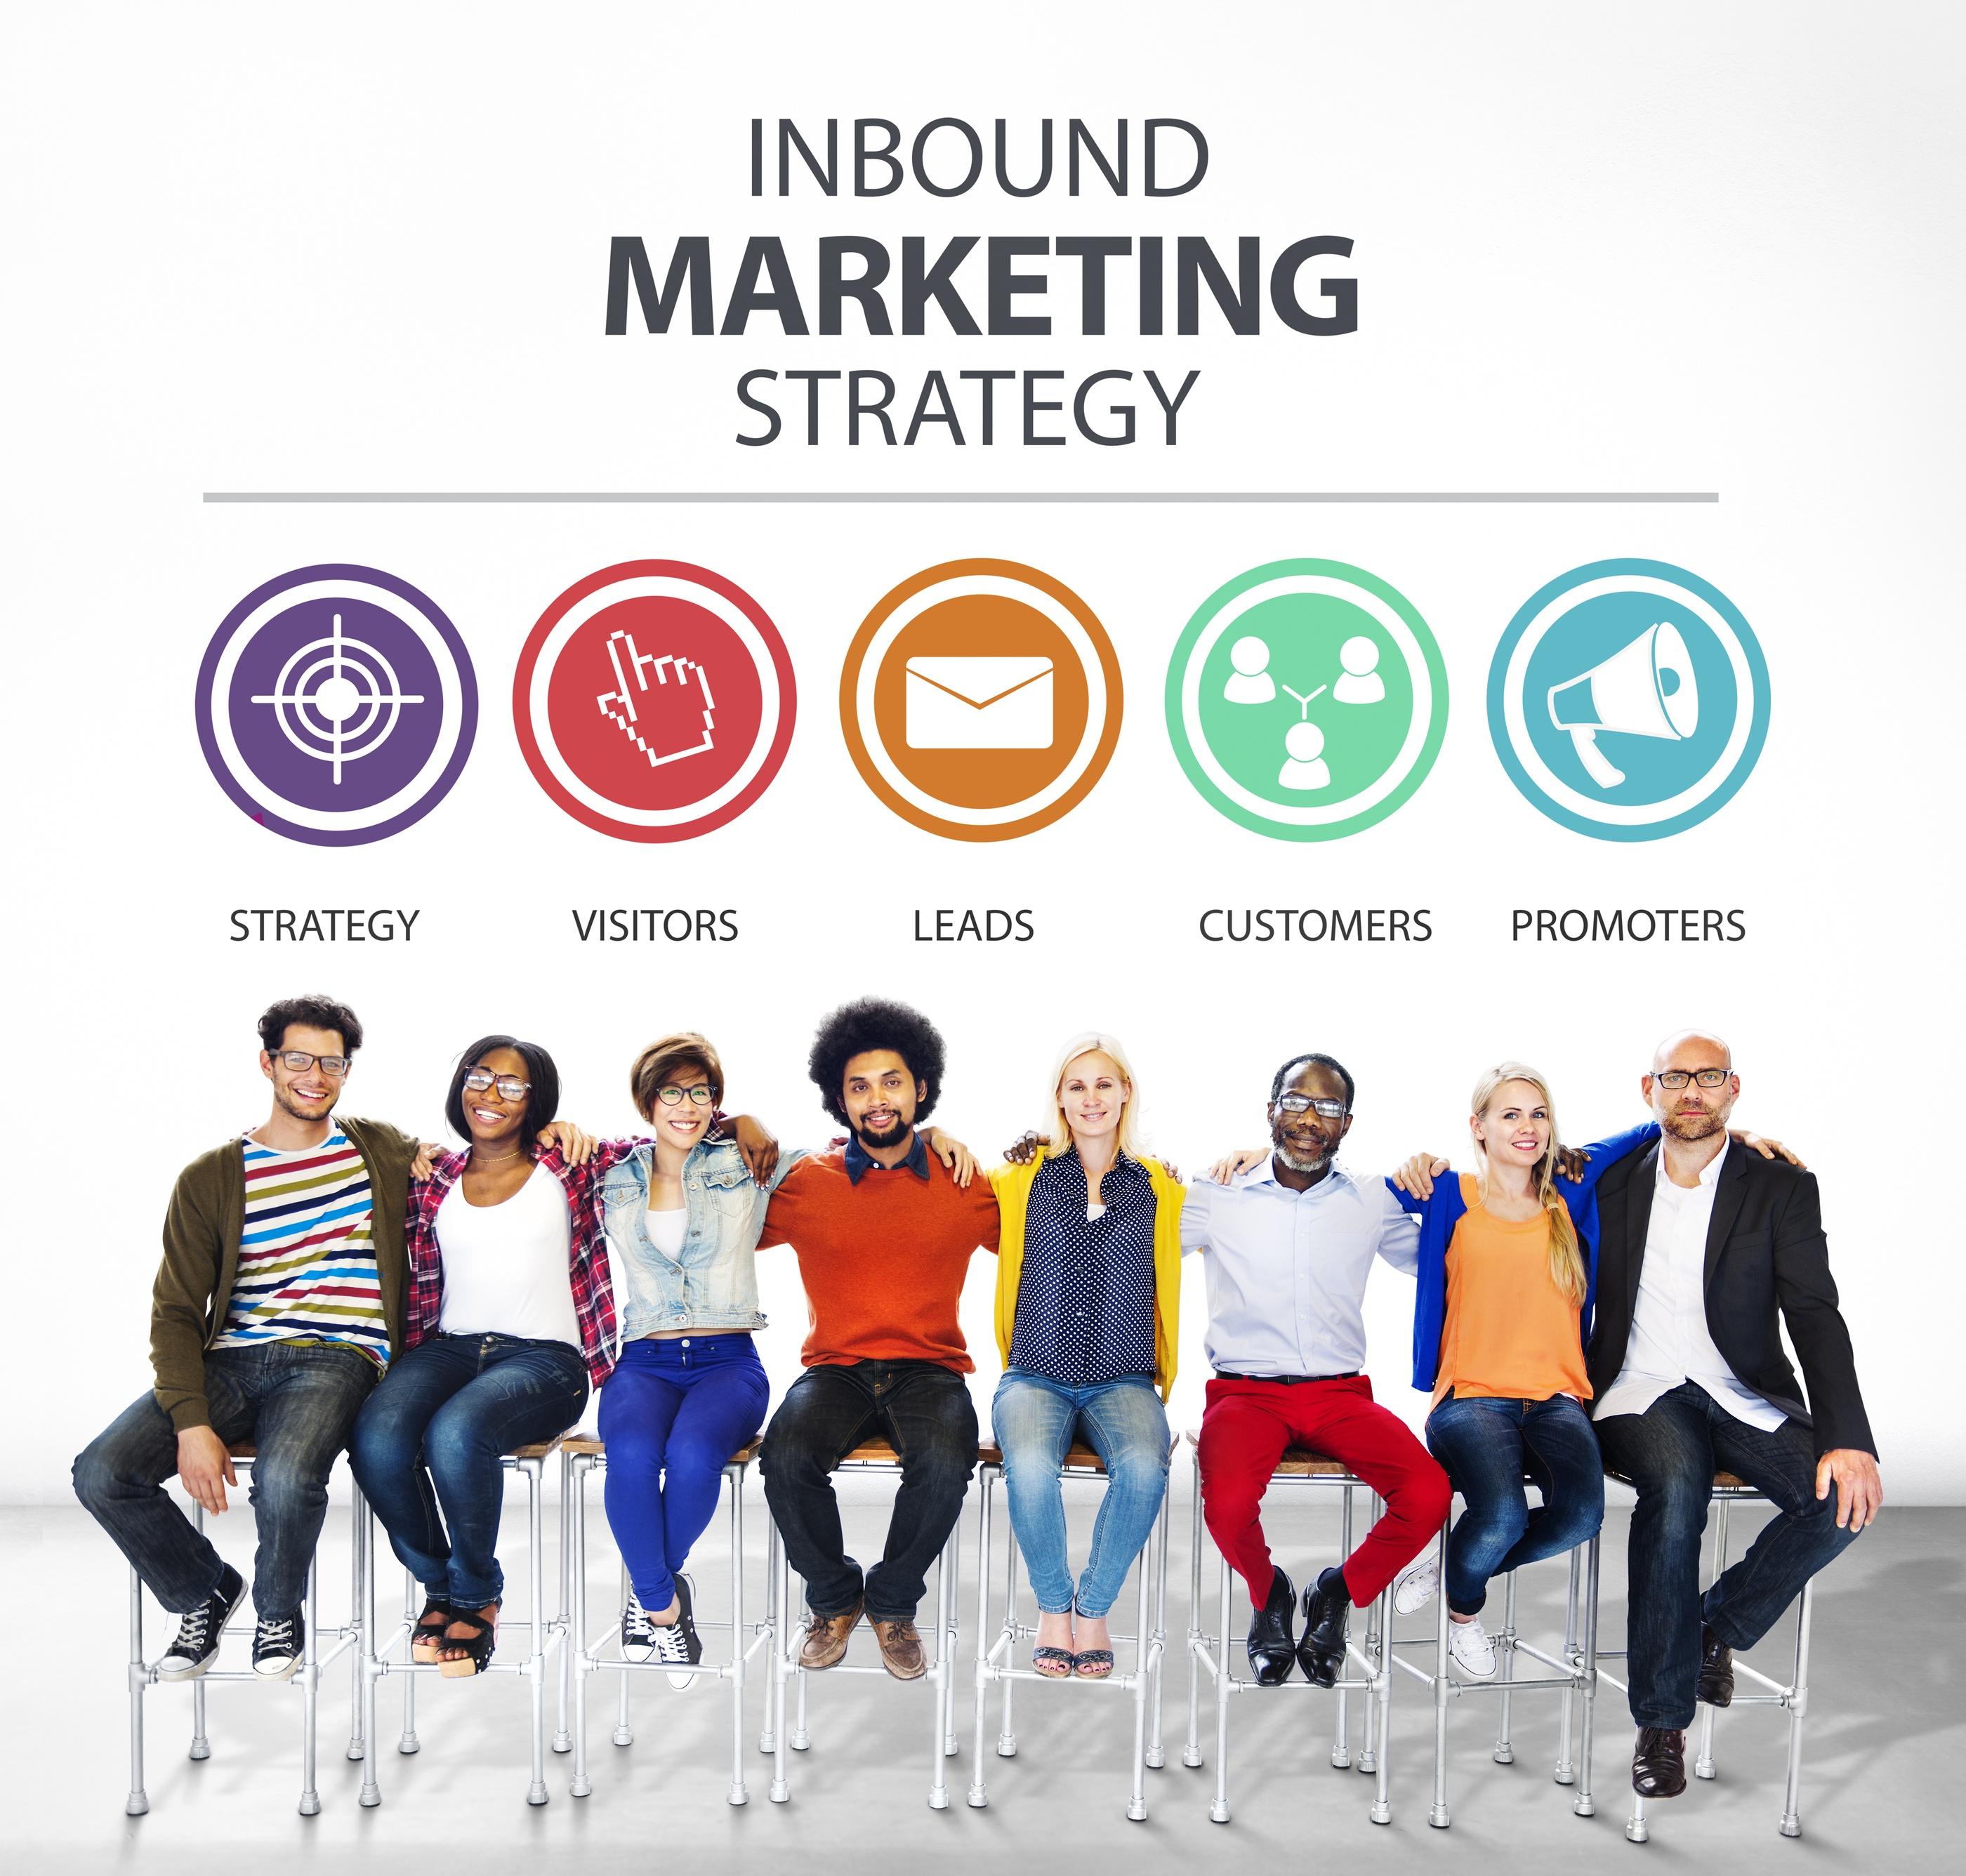 10 conceptos clave antes de implementar inbound marketing en tu empresa